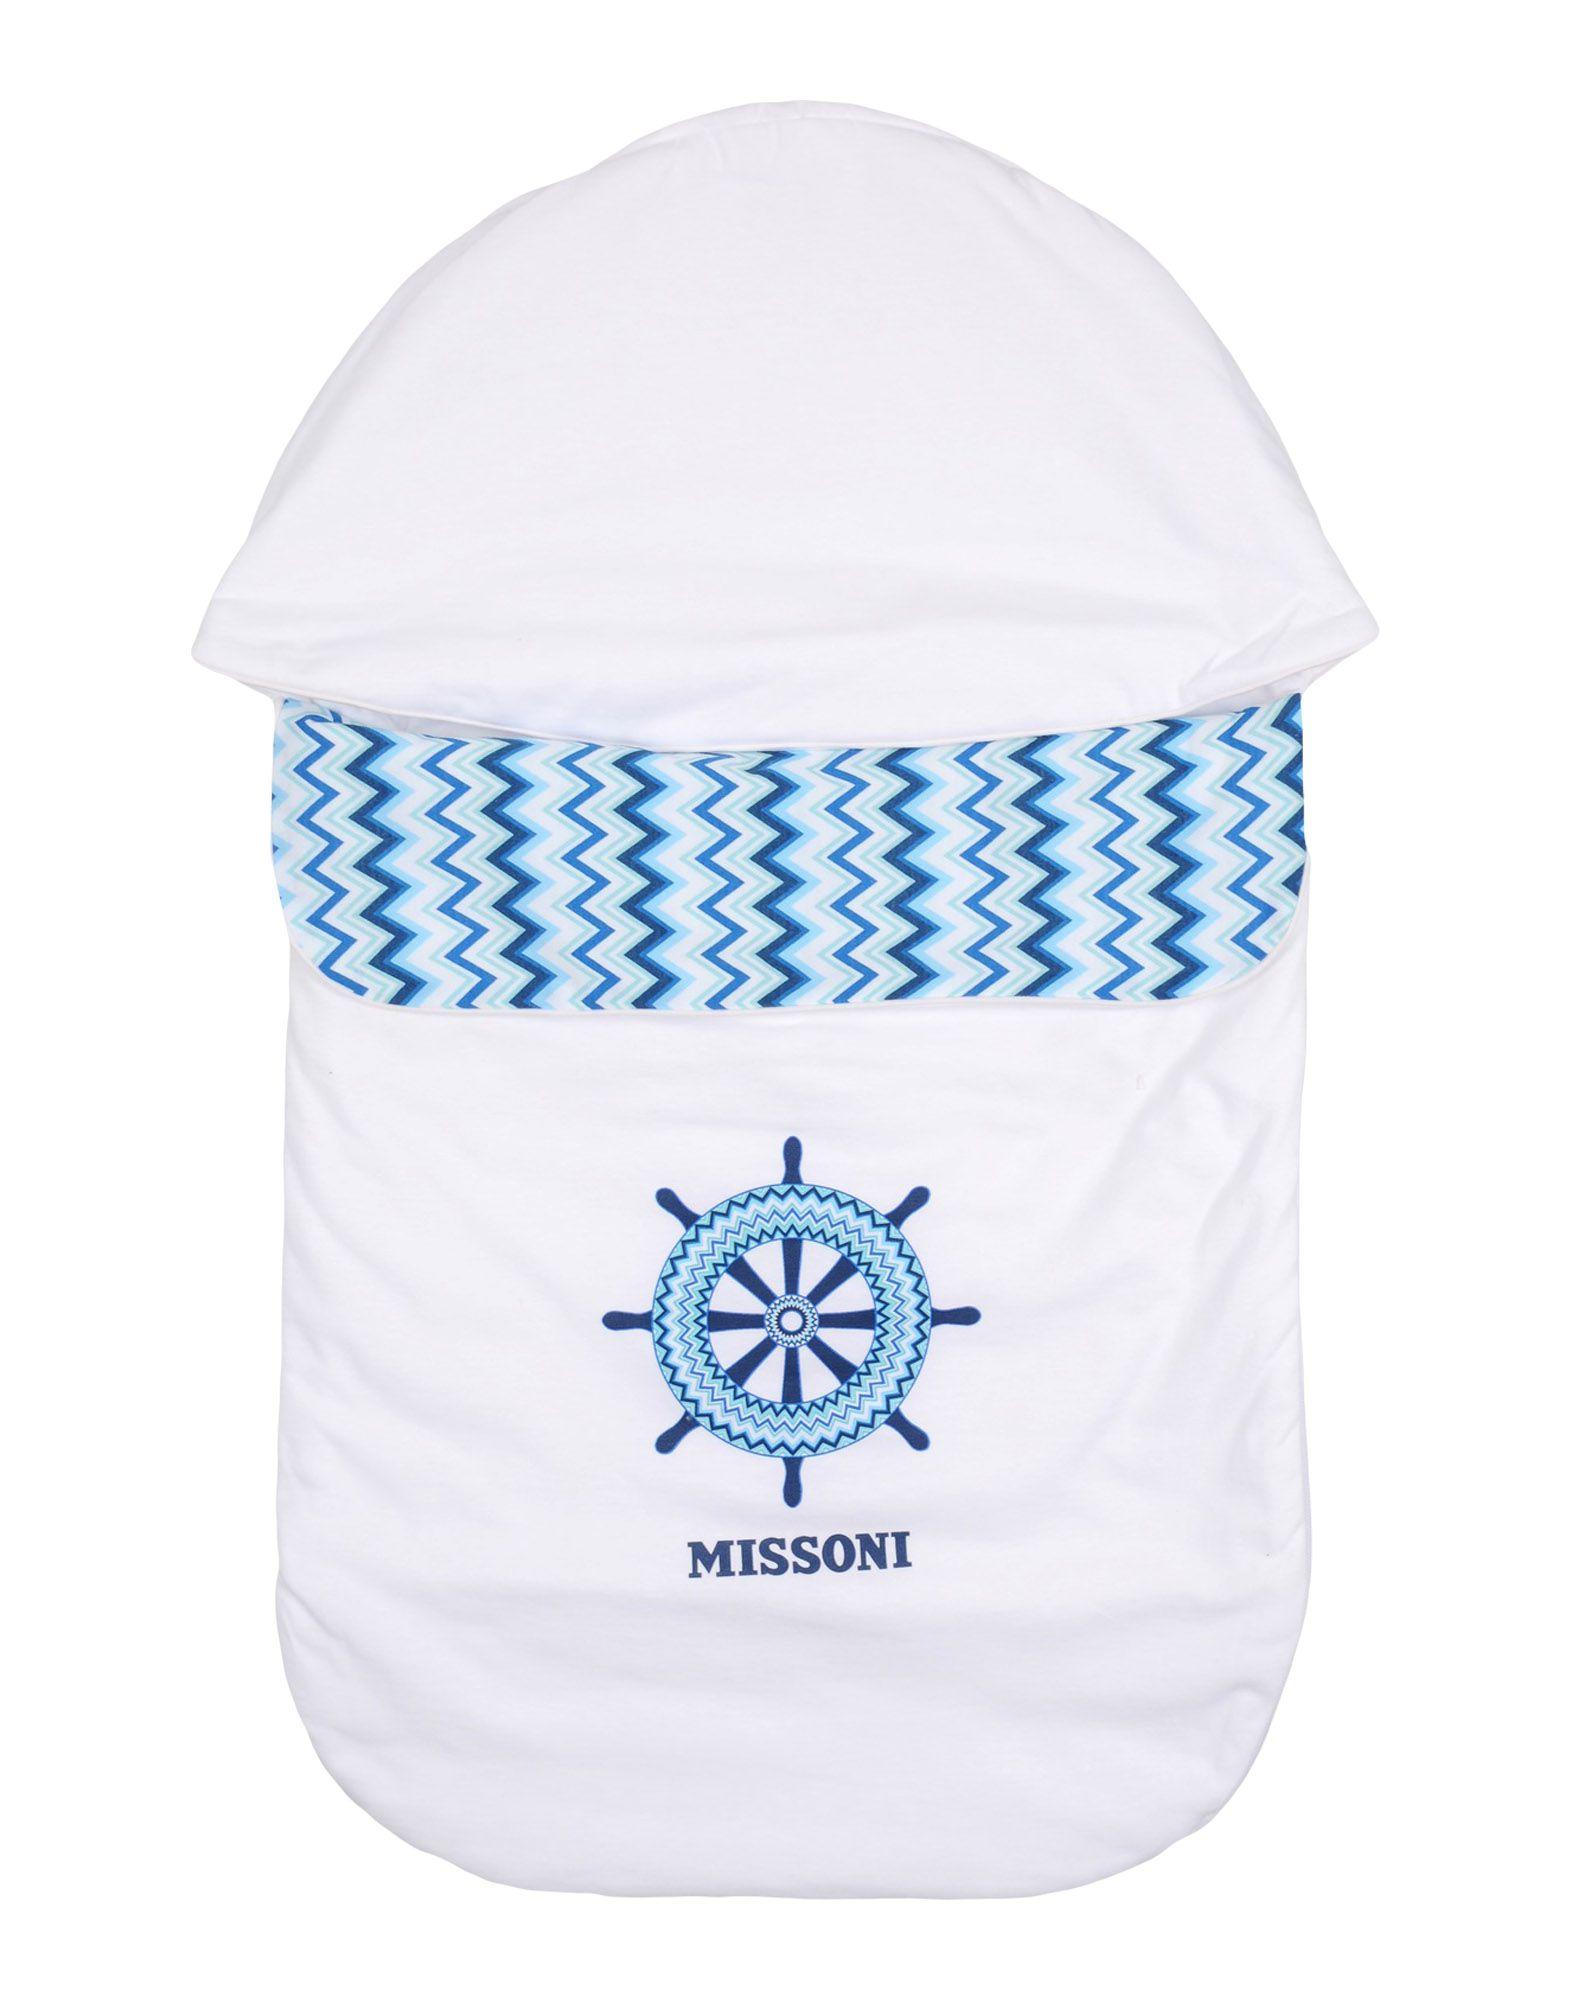 MISSONI KIDS Mädchen 0-24 monate Babyschlafsack Farbe Weiß Größe 1 jetztbilligerkaufen